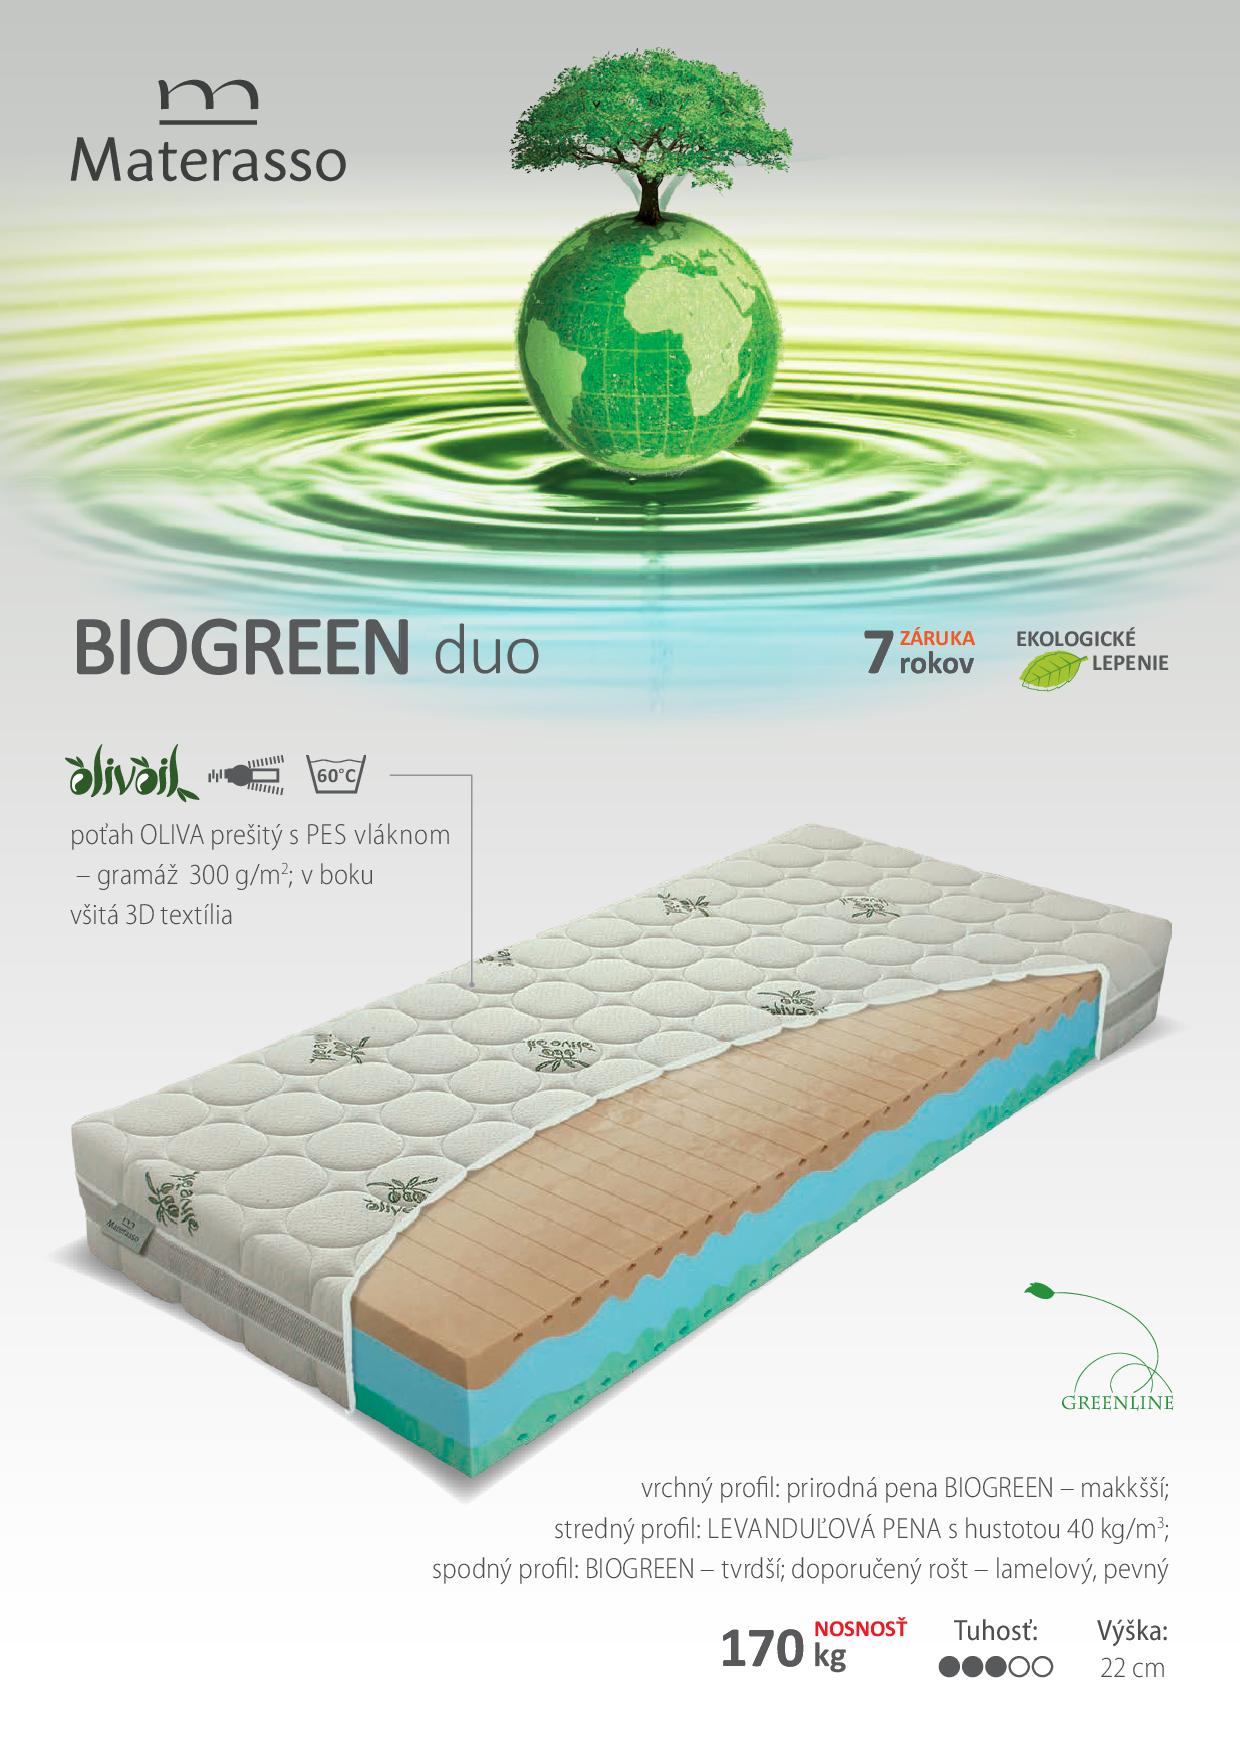 Bio green duo